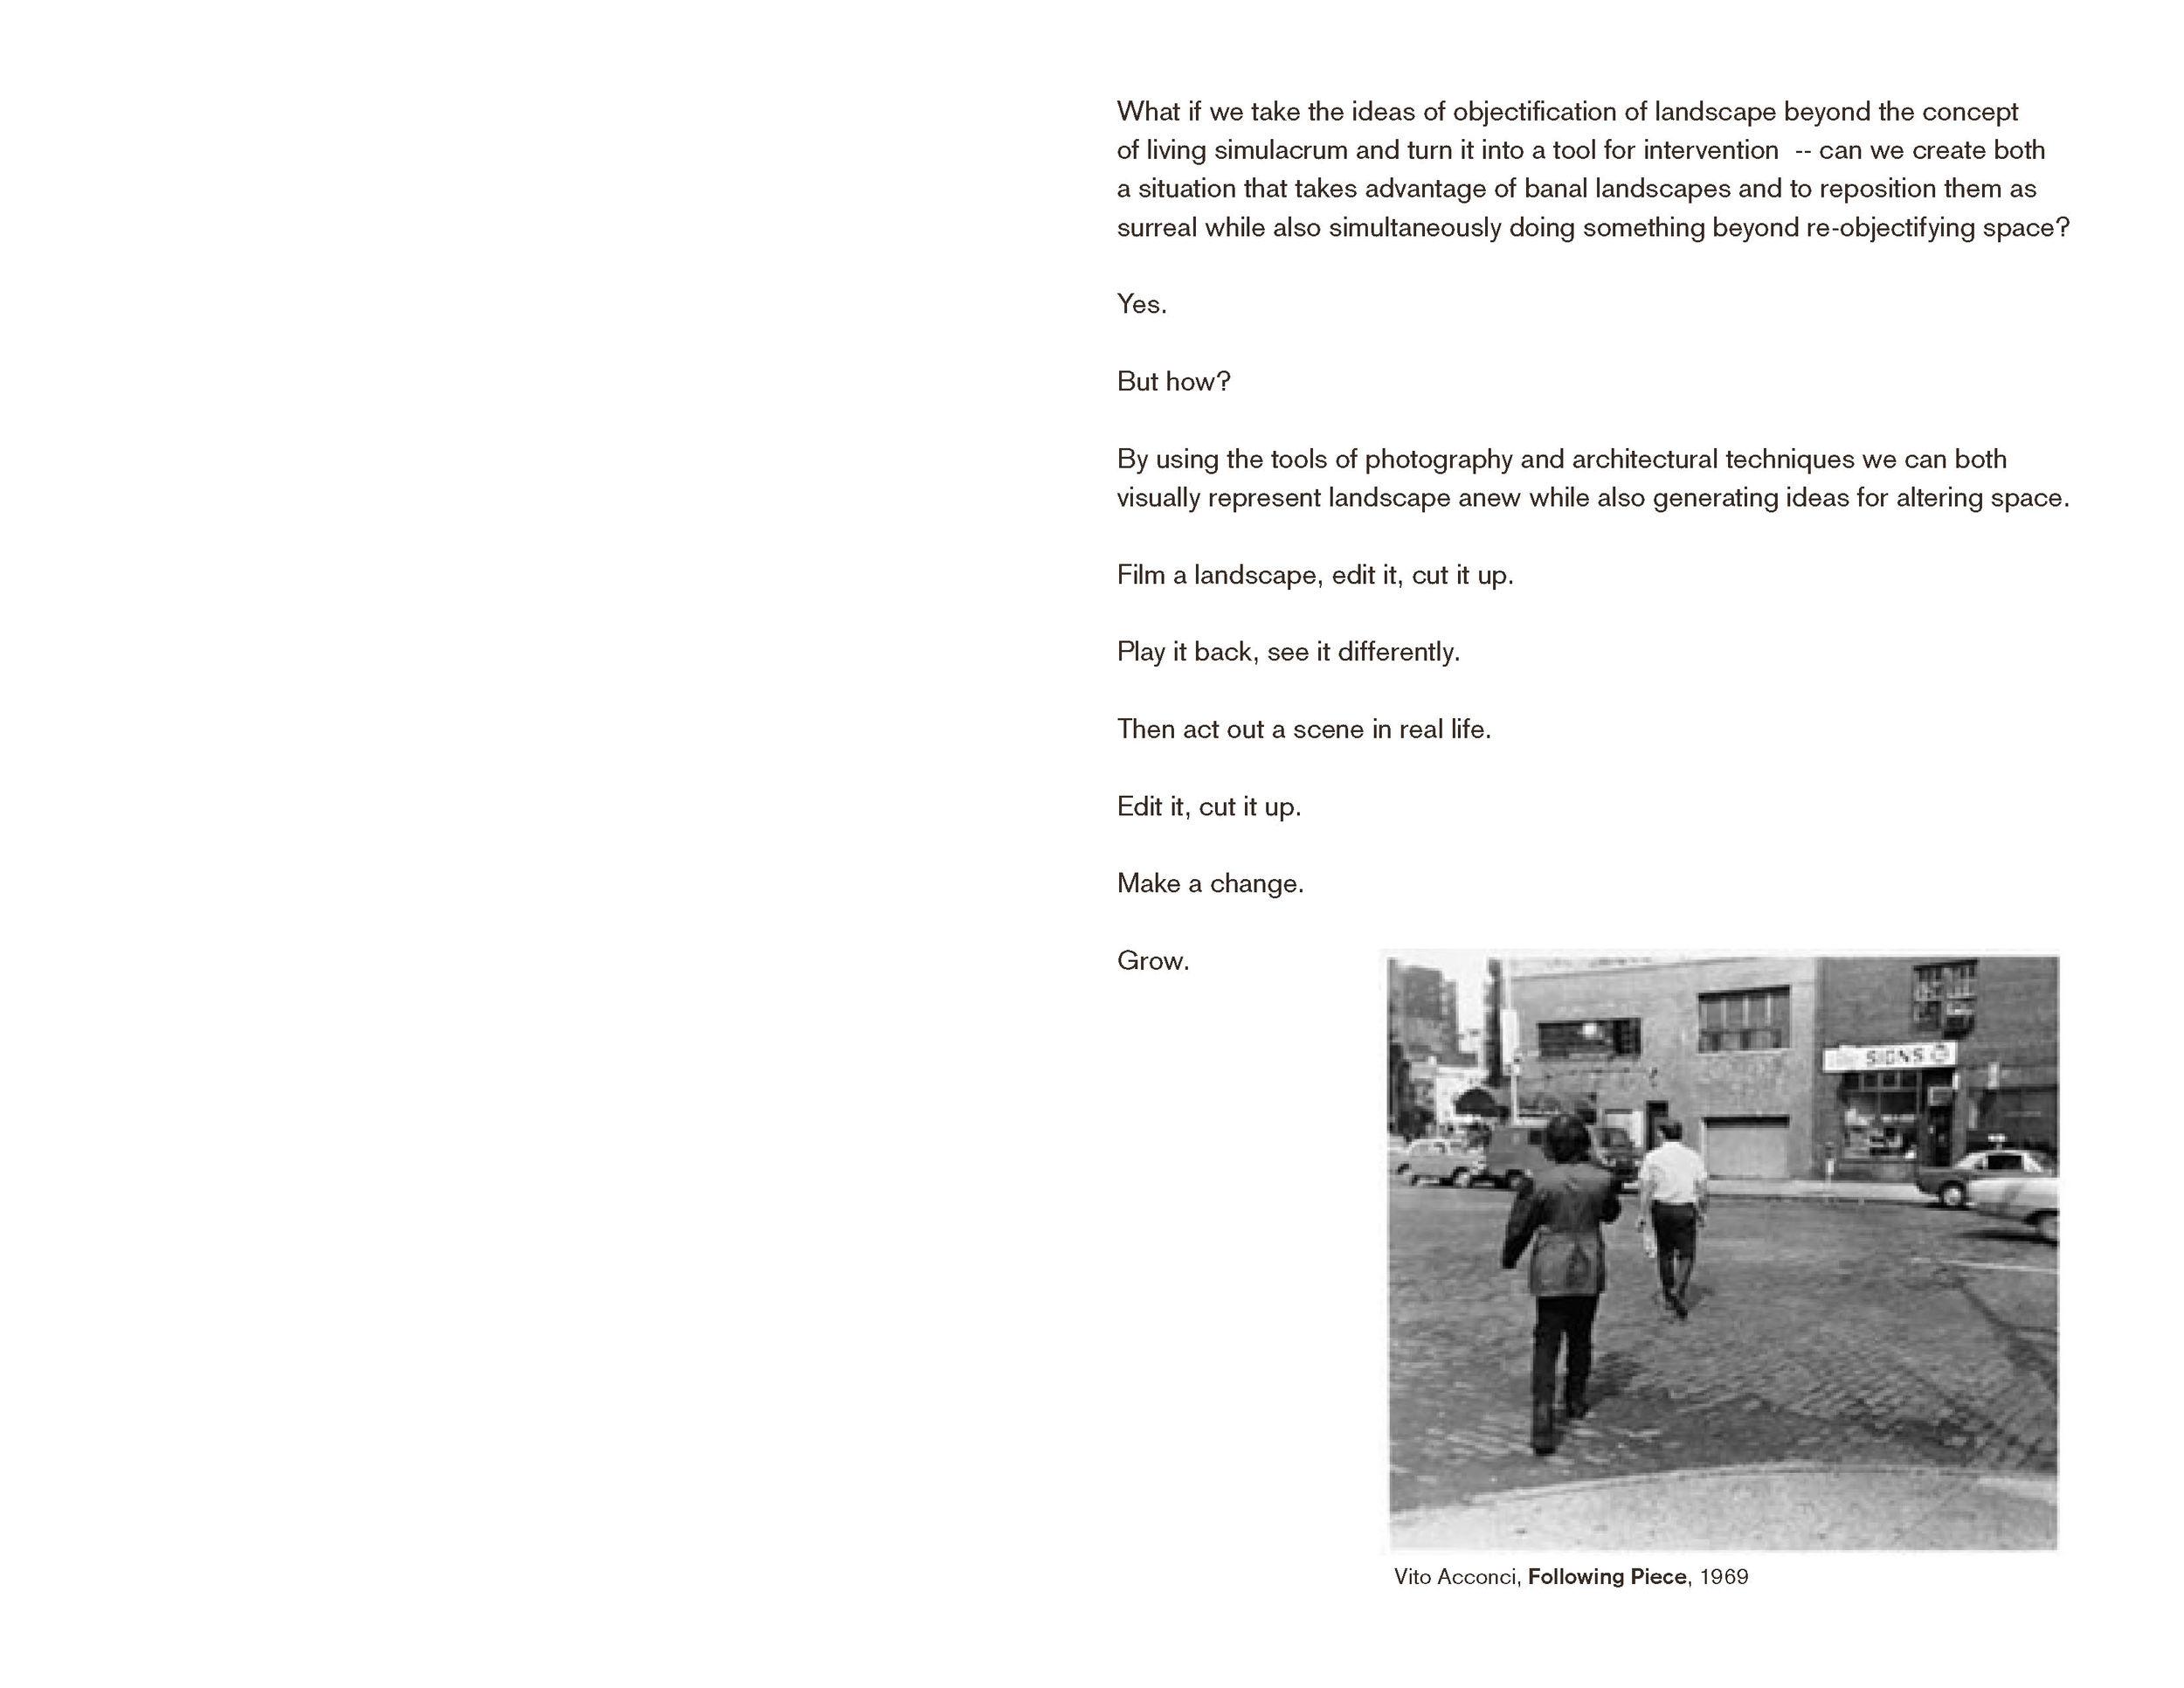 ViolenceUponSpaceMArchBook_Page_40.jpg